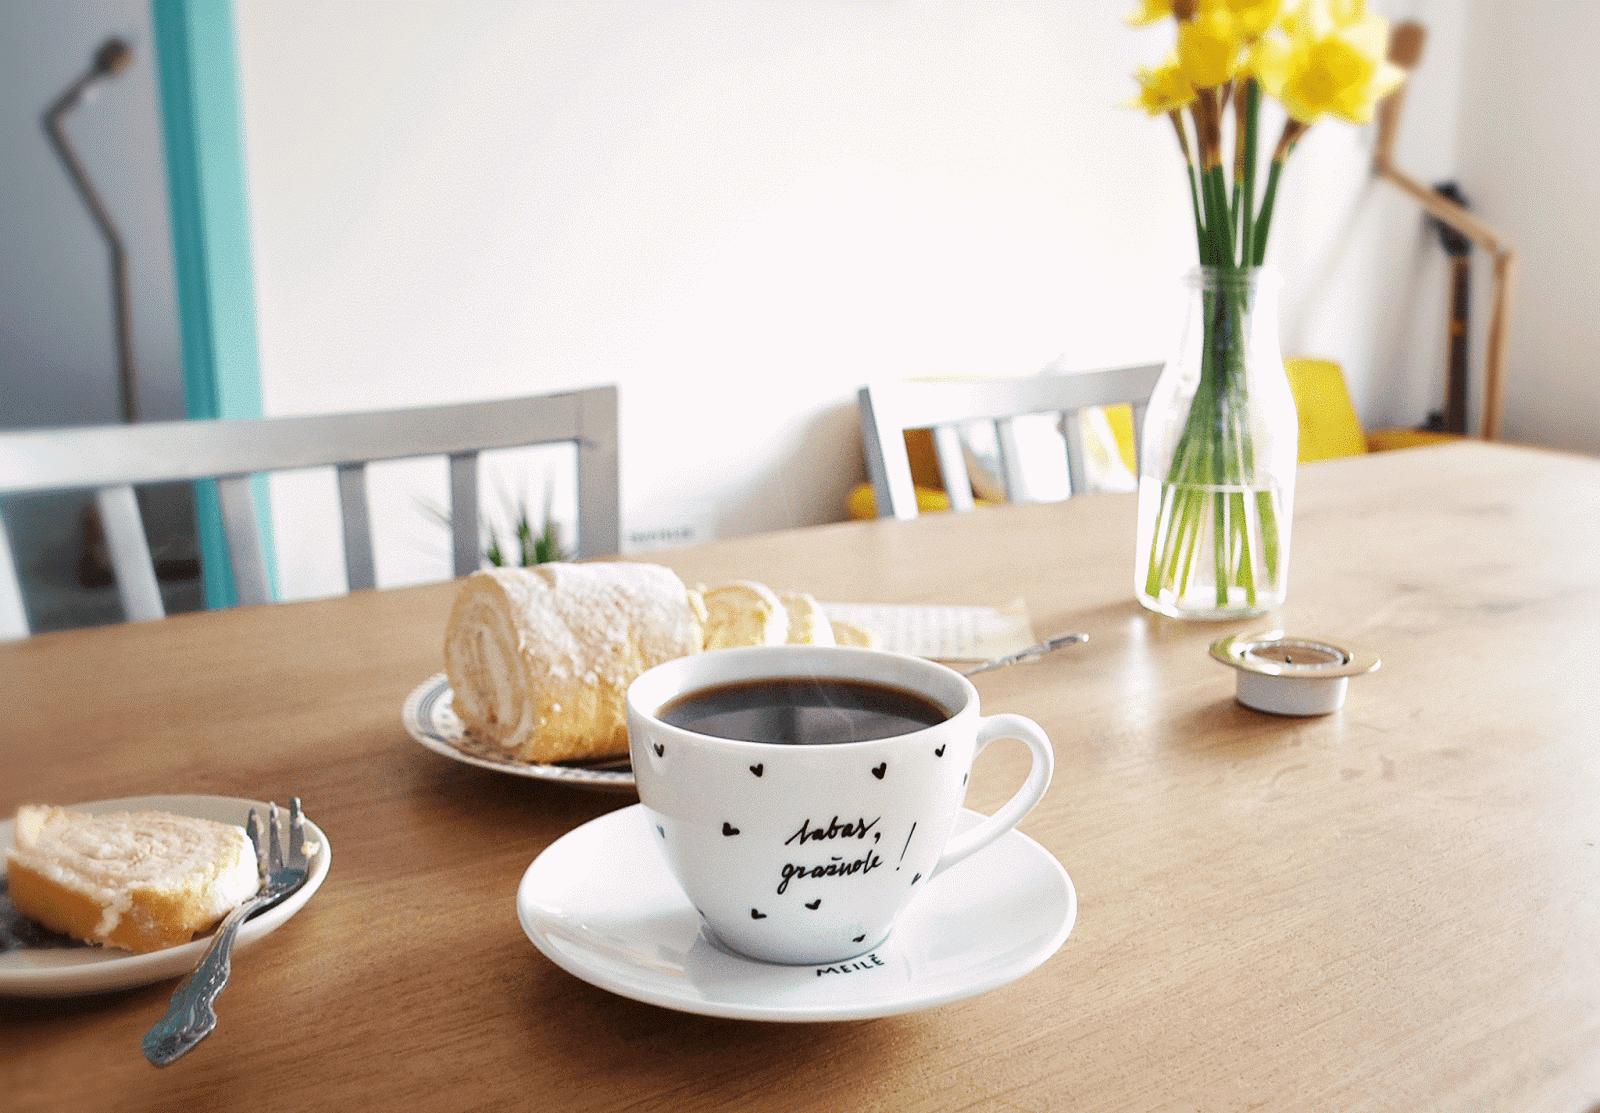 dievinu puodeliai